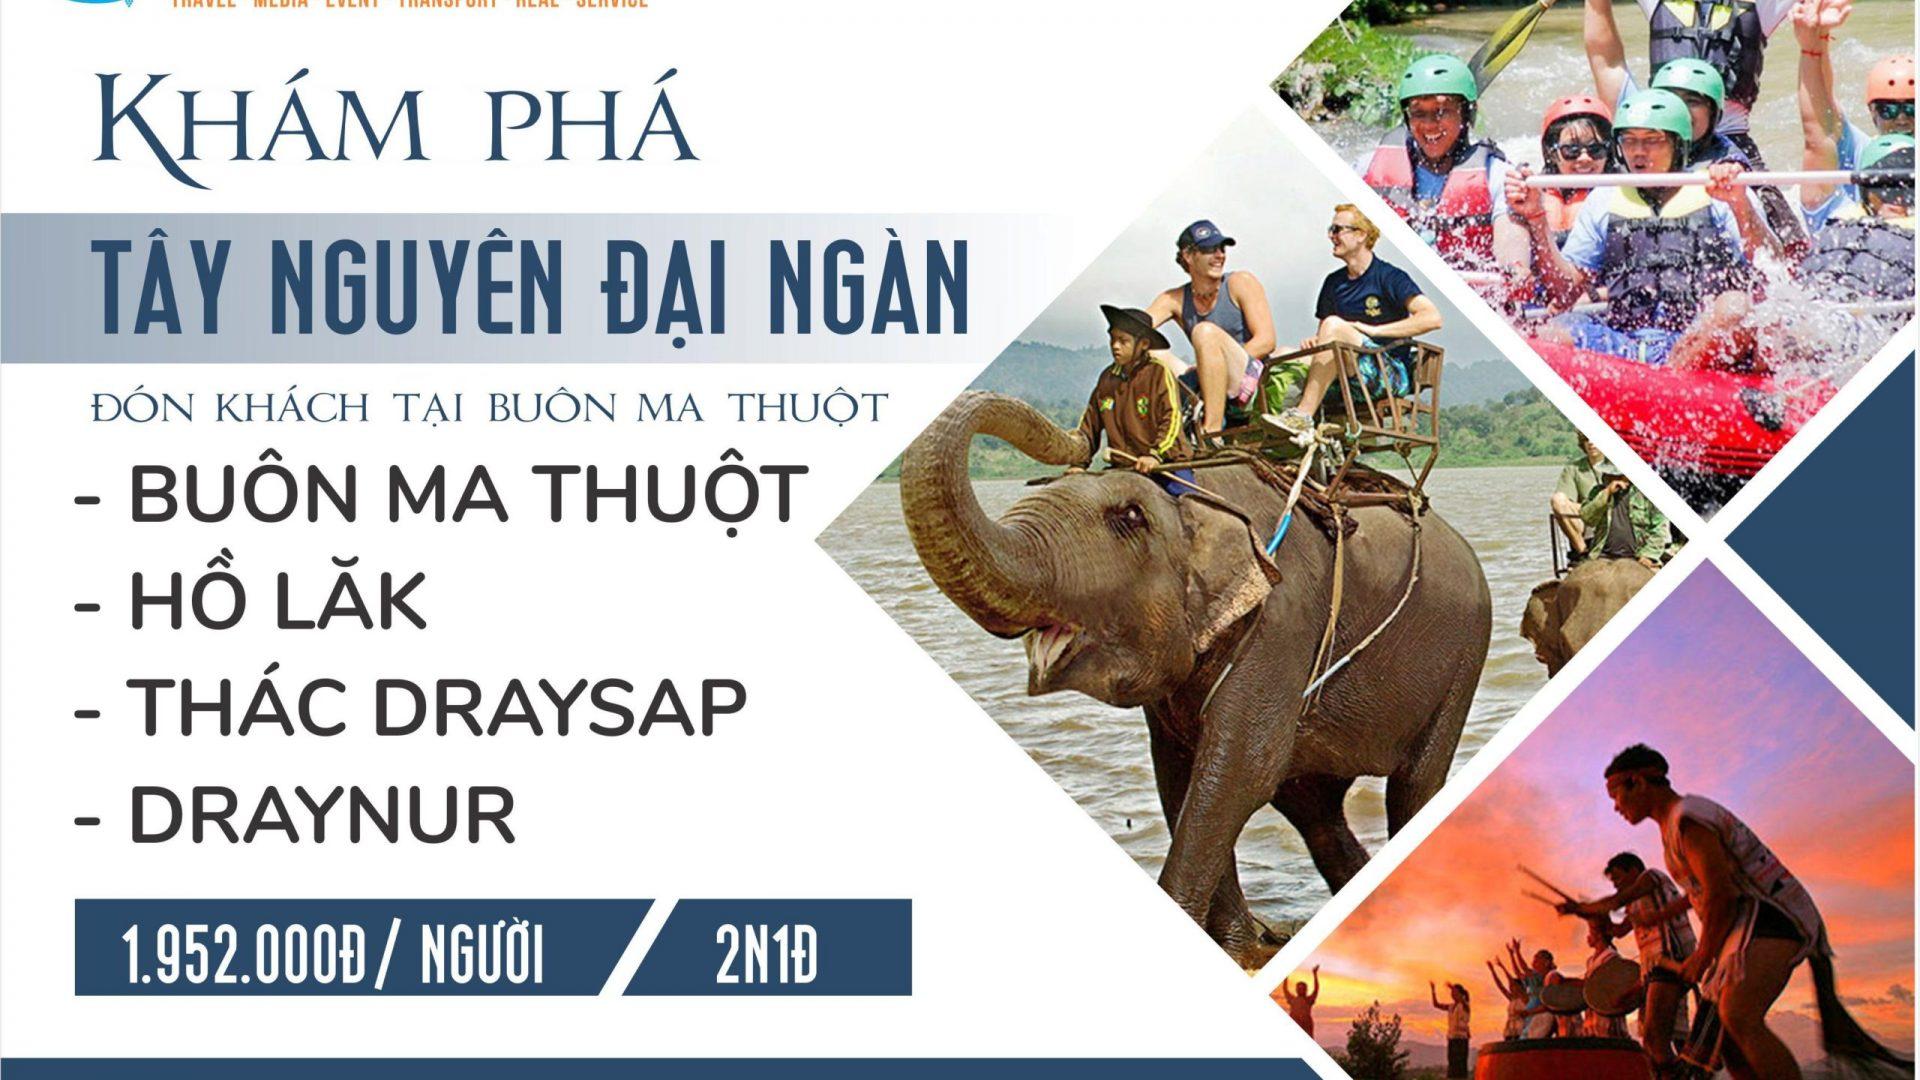 GHEP BUON MA THUOT 2N1D